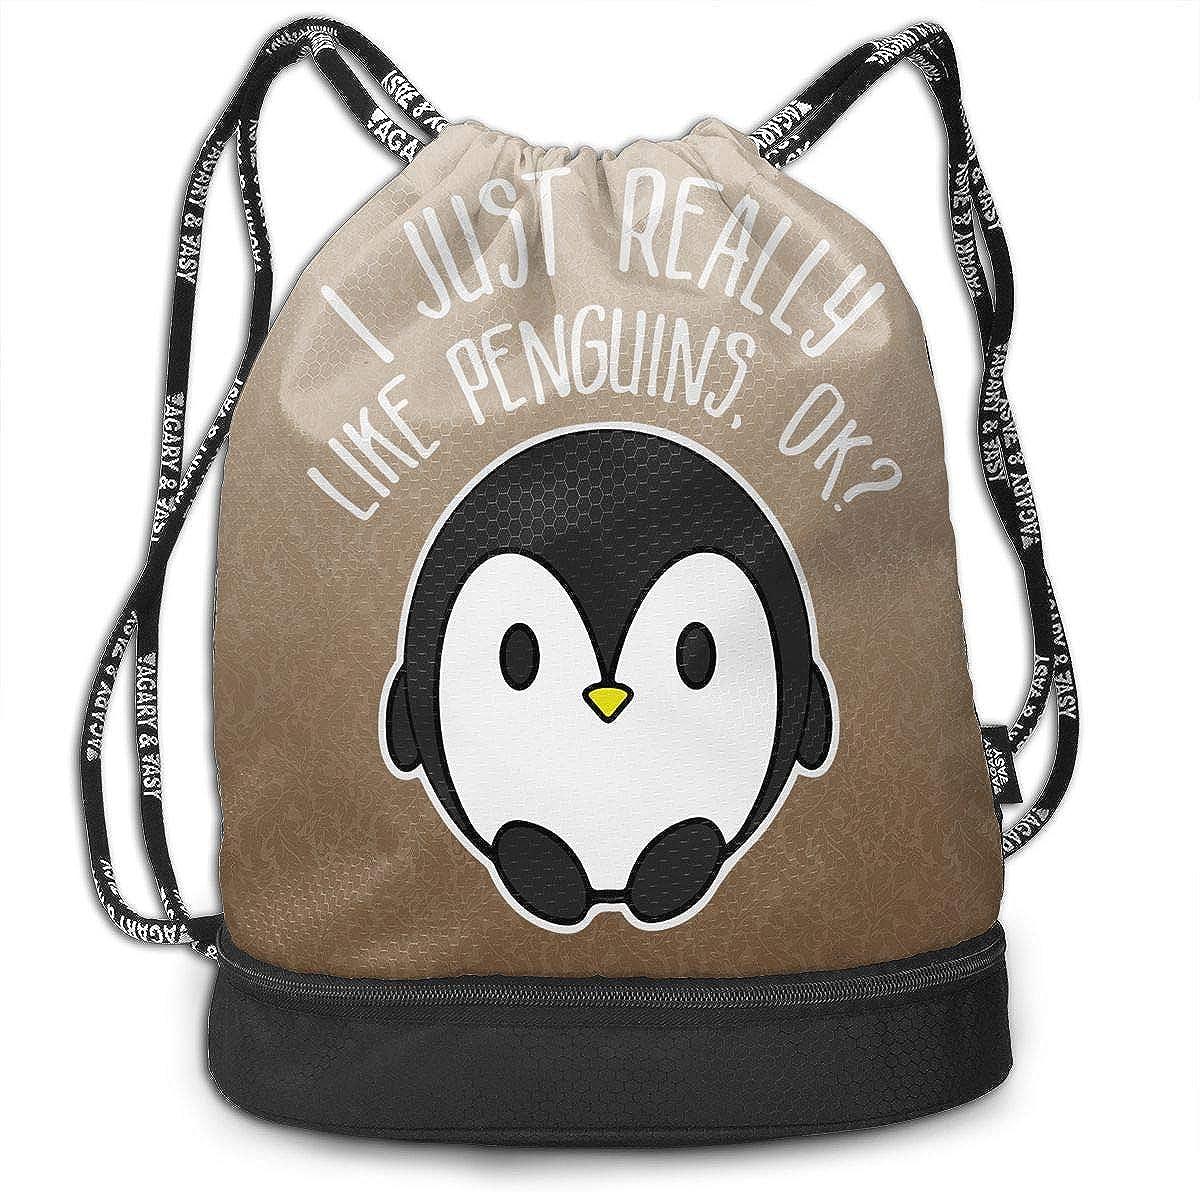 I Just Really Like Penguins Ok Drawstring Bag Multifunctional String Backpack Custom Cinch Backpack Rucksack Gym Bag